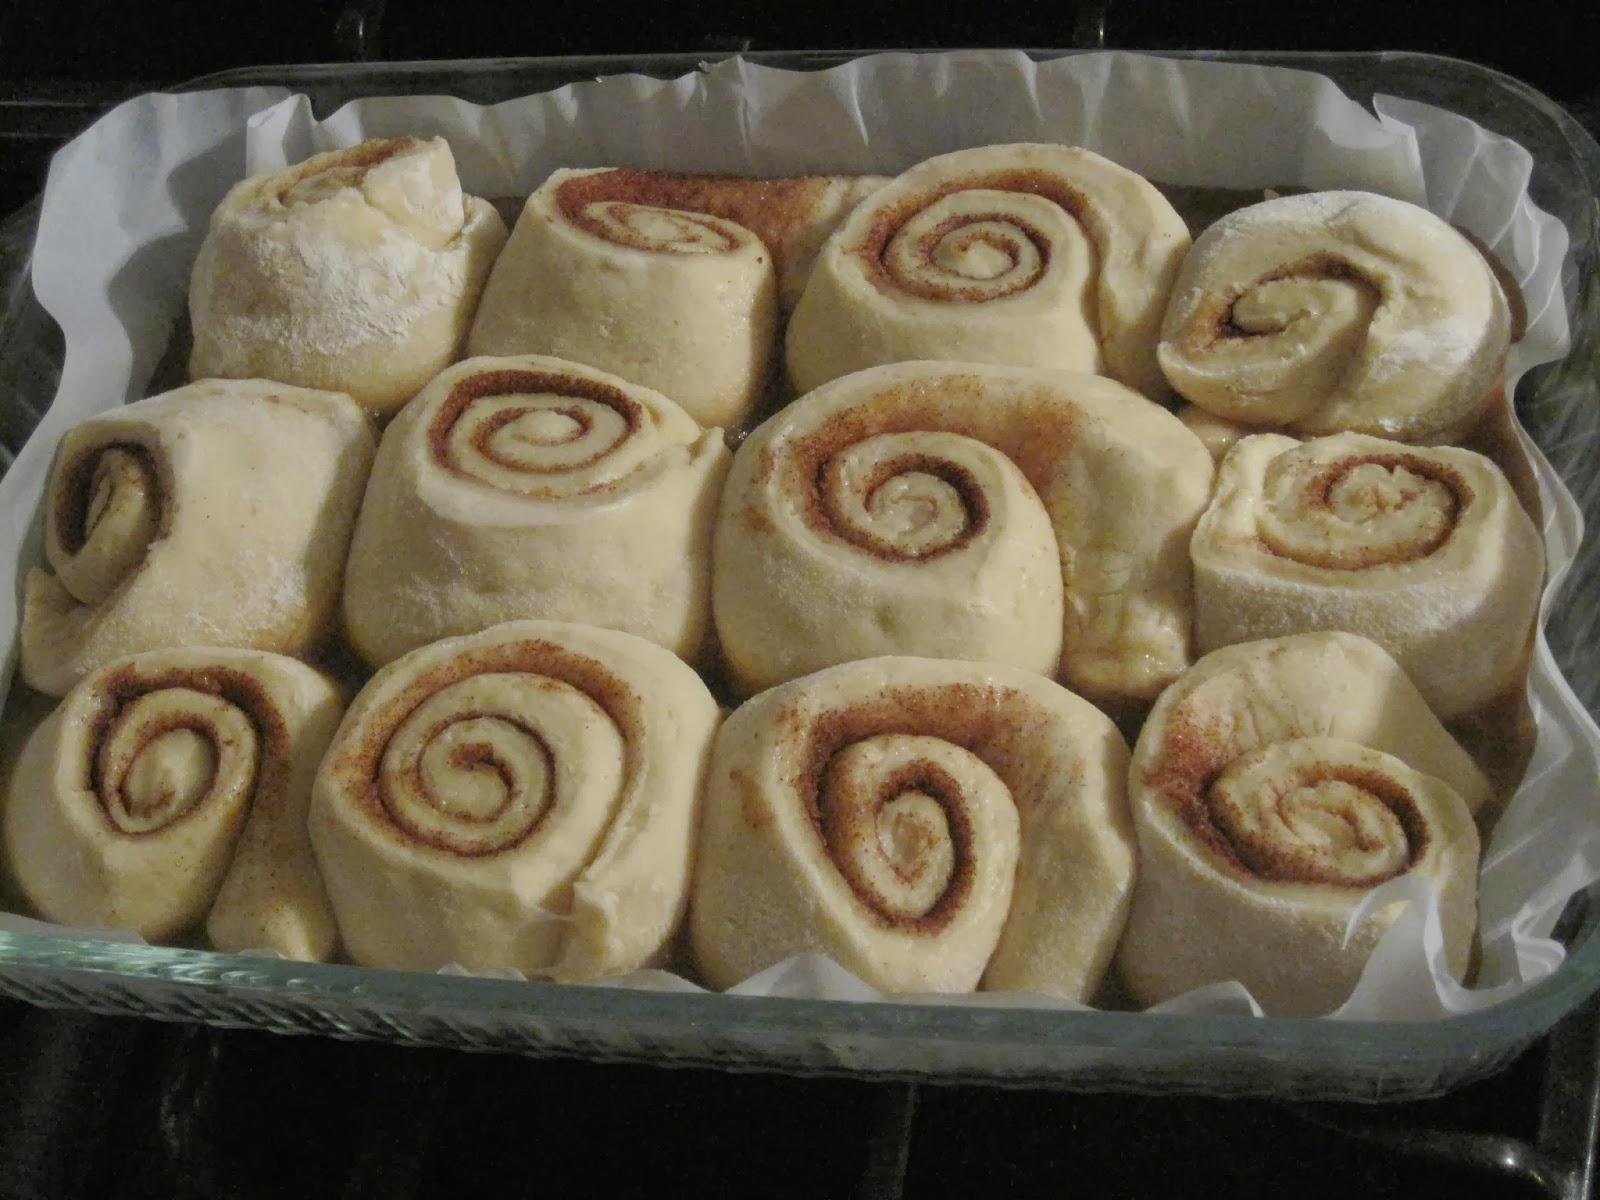 BreakingEleven: Grandma's Overnight Caramel-Pecan Rolls